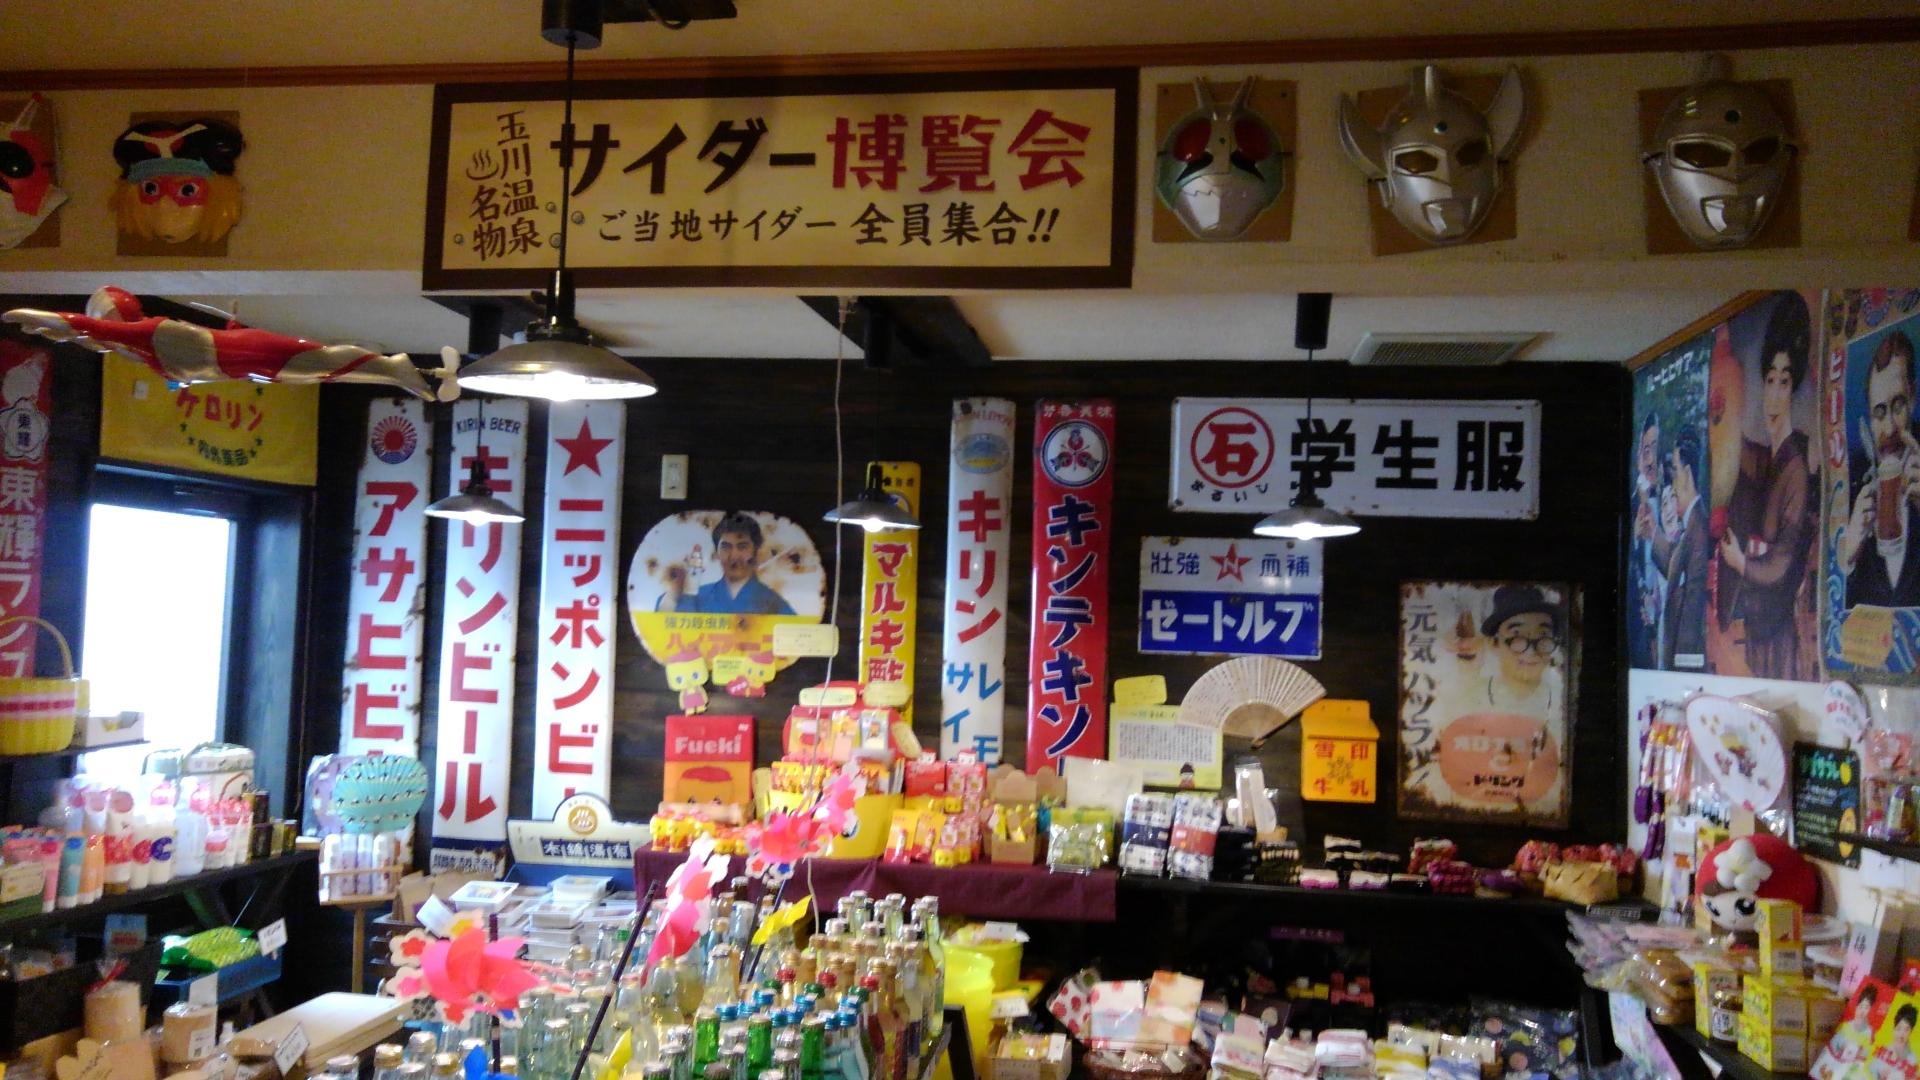 昭和レトロな温泉銭湯玉川温泉 店の様子